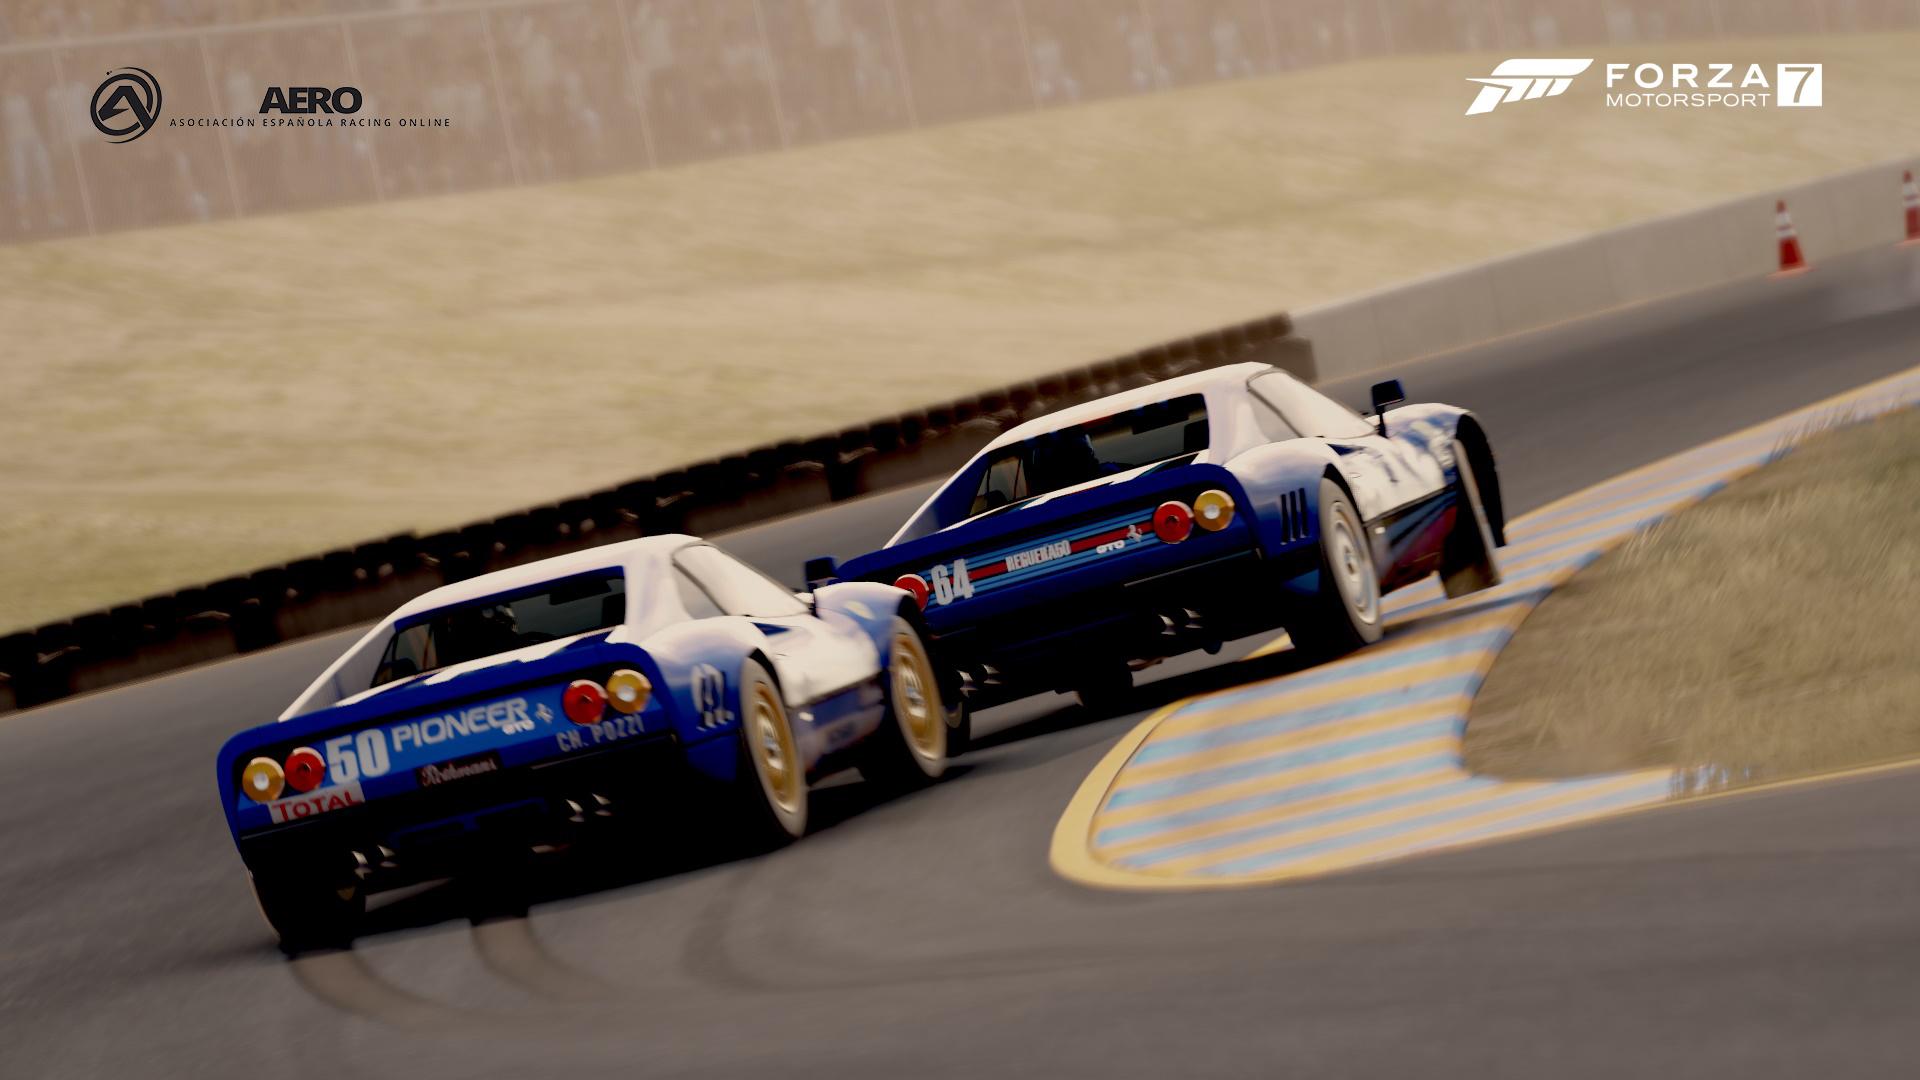 El sistema de regulación de carreras de Forza Motorsport 7 se cierra en marzo (BETA), lanzamiento público en Abril